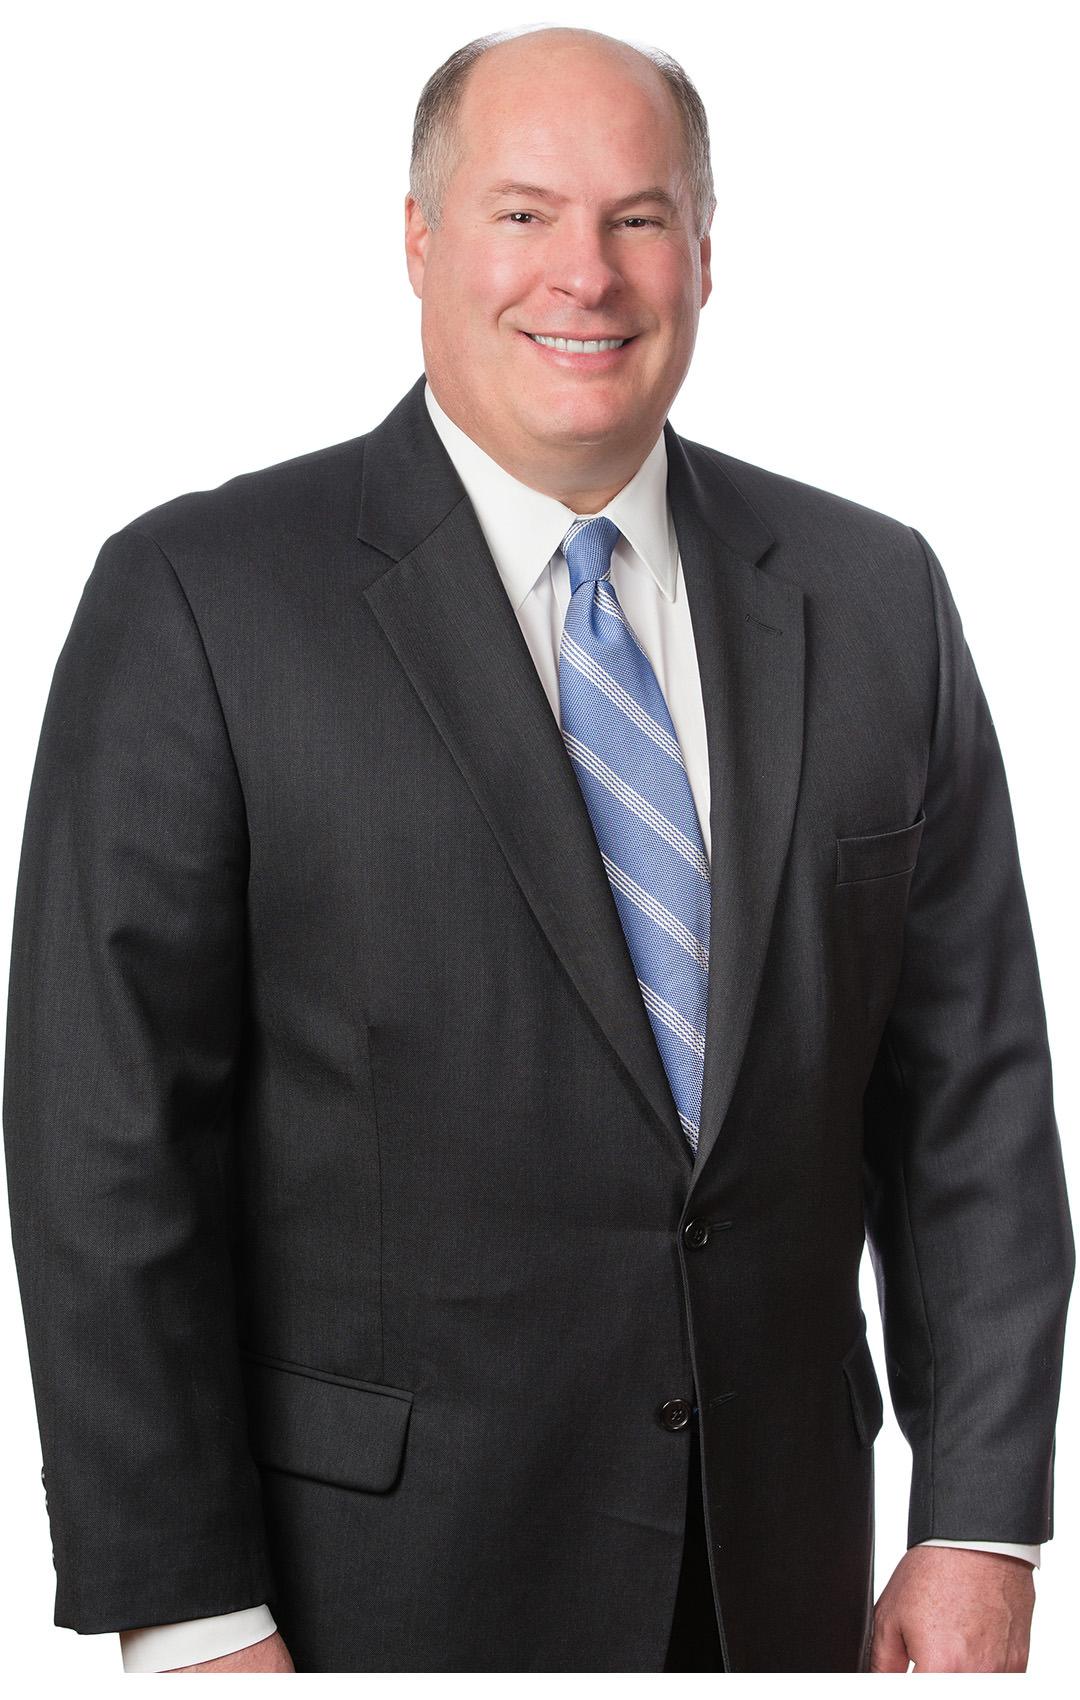 John F. Kuppens